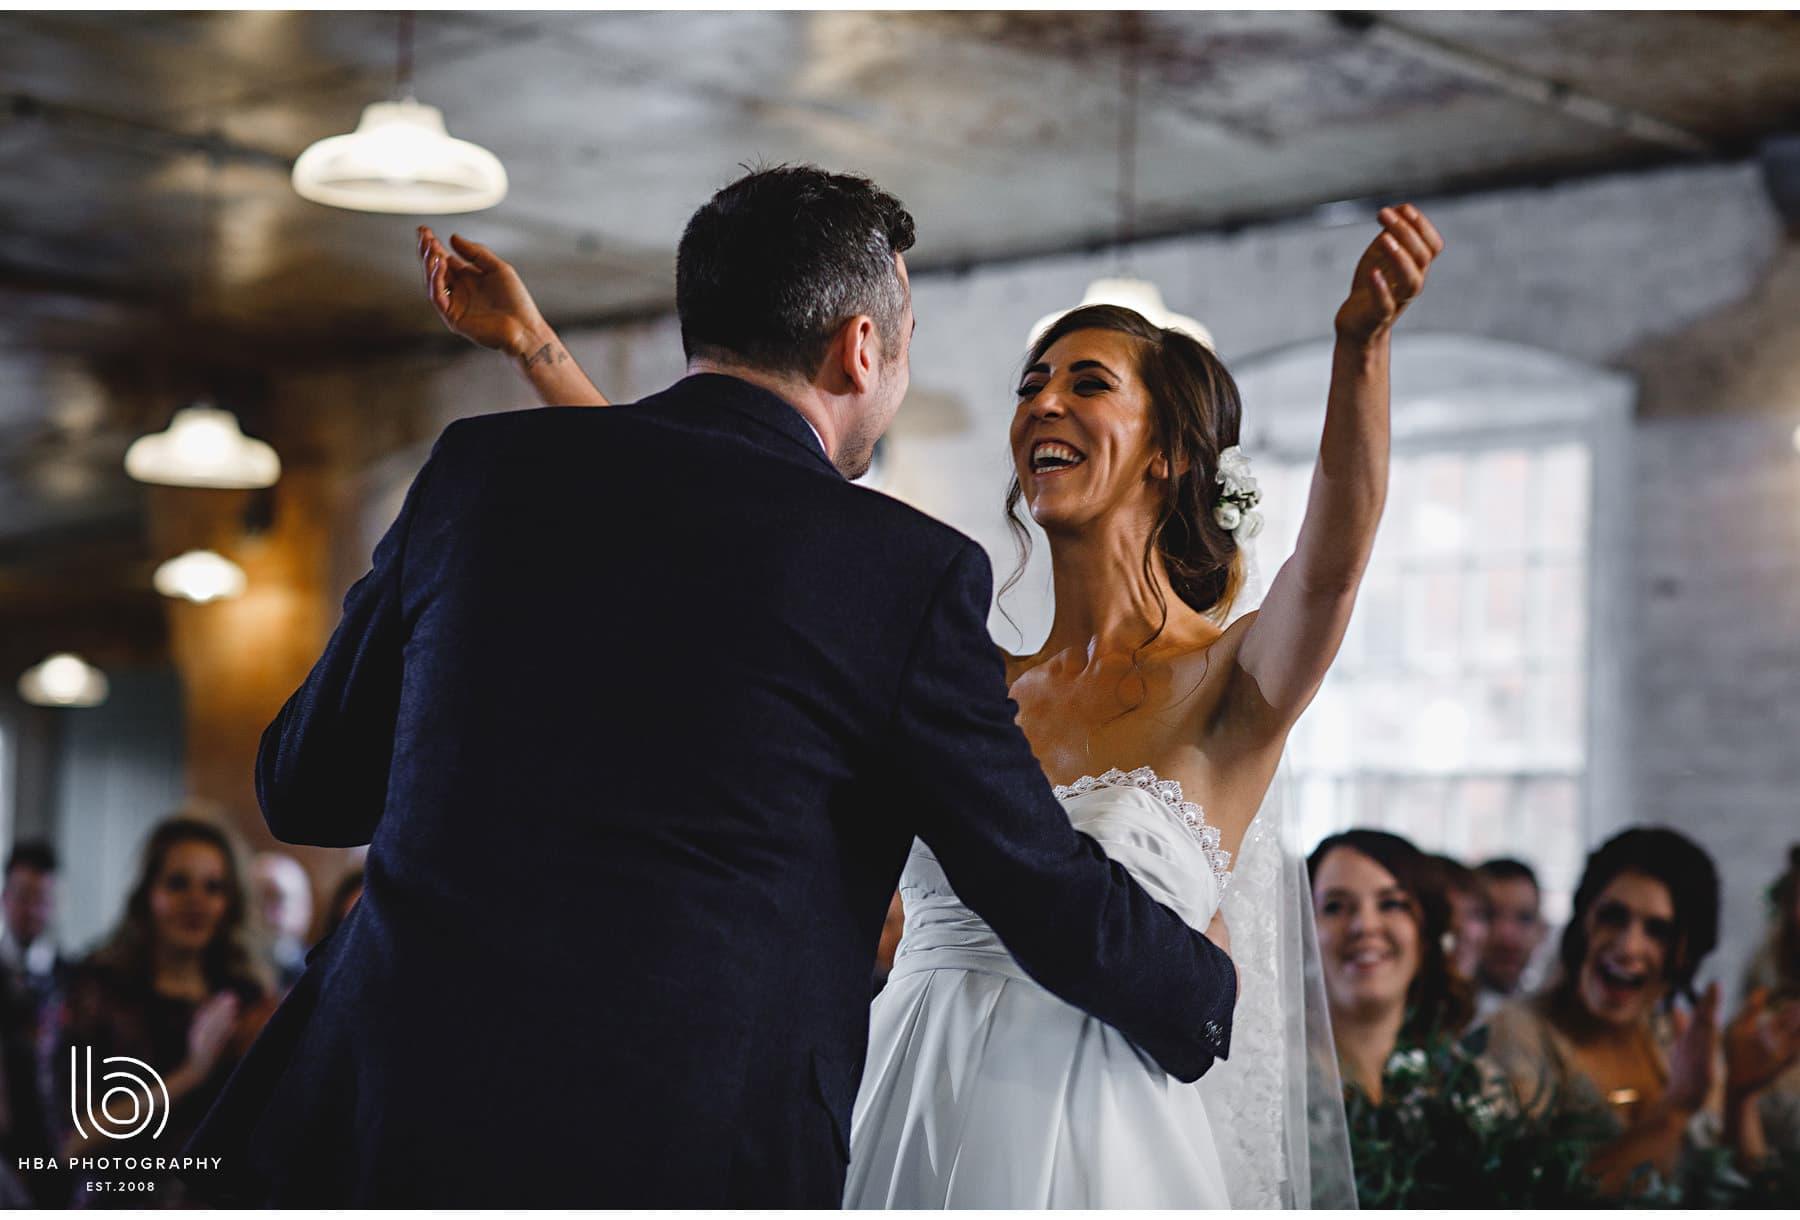 the bride hugging her husband